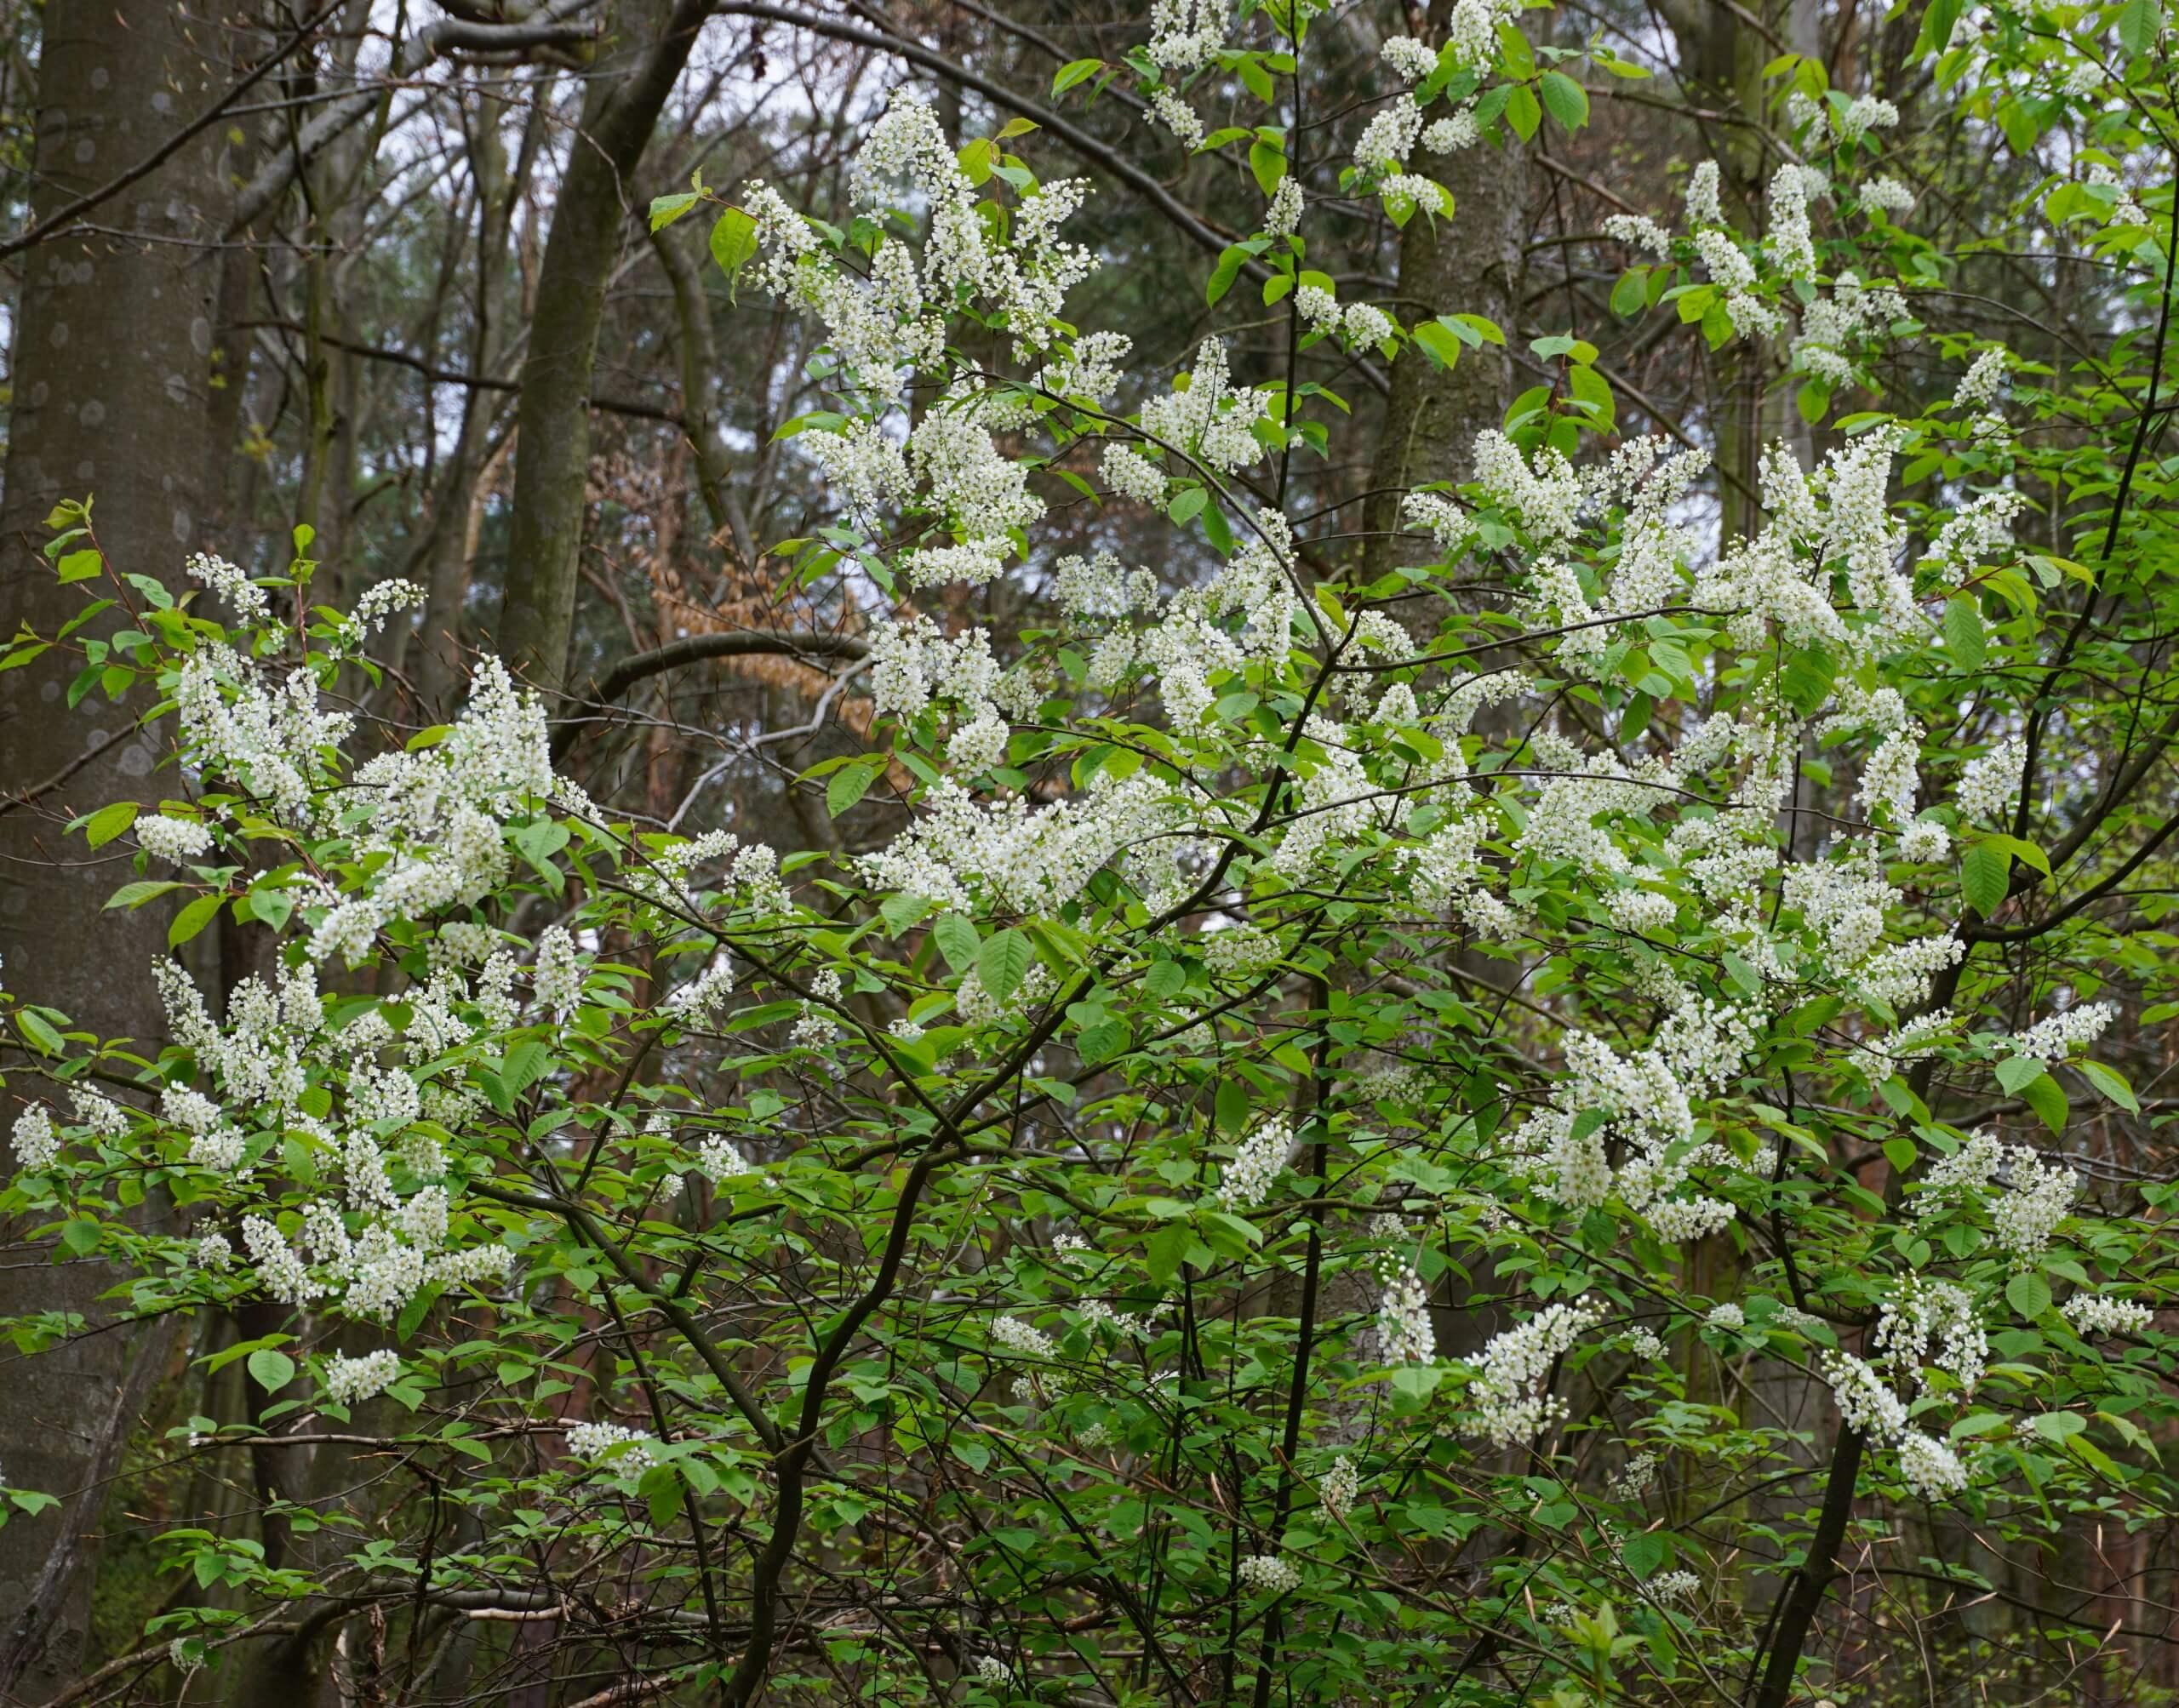 Das Bild zeigt einen in voller Blüte stehenden Strauch einer Gewöhnlichen Traubenkirsche zu Mai-Beginn am Schmetterlingshorst im Müggelwald. Hier im Jahr 2021.